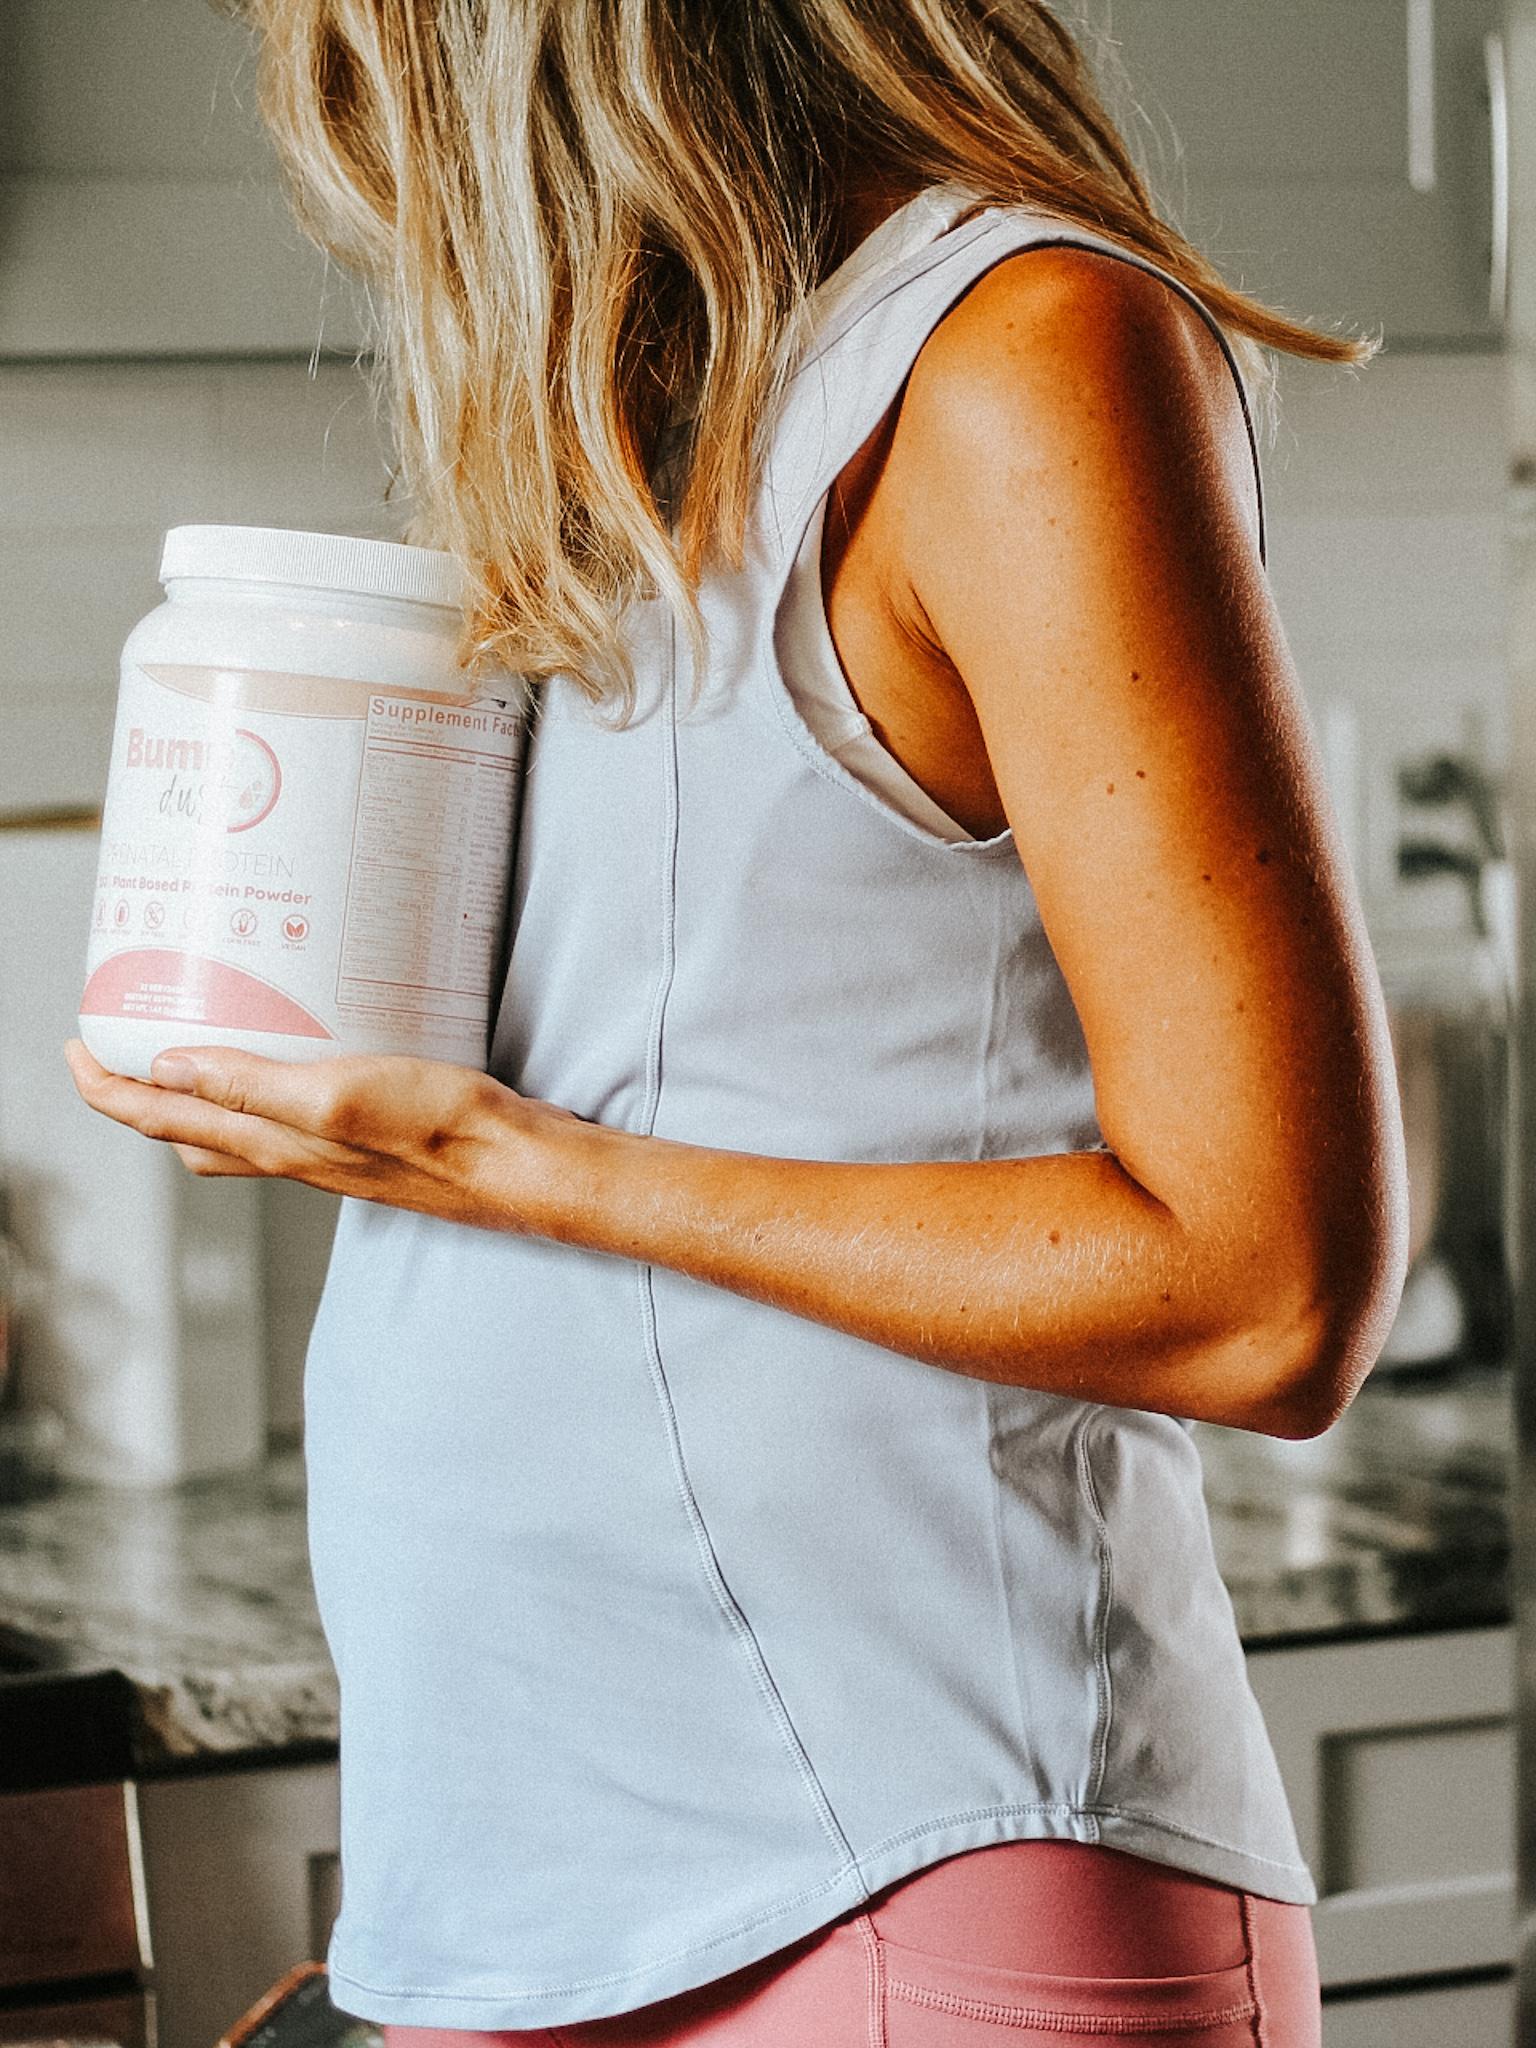 bump dust safe pregnancy protein powder